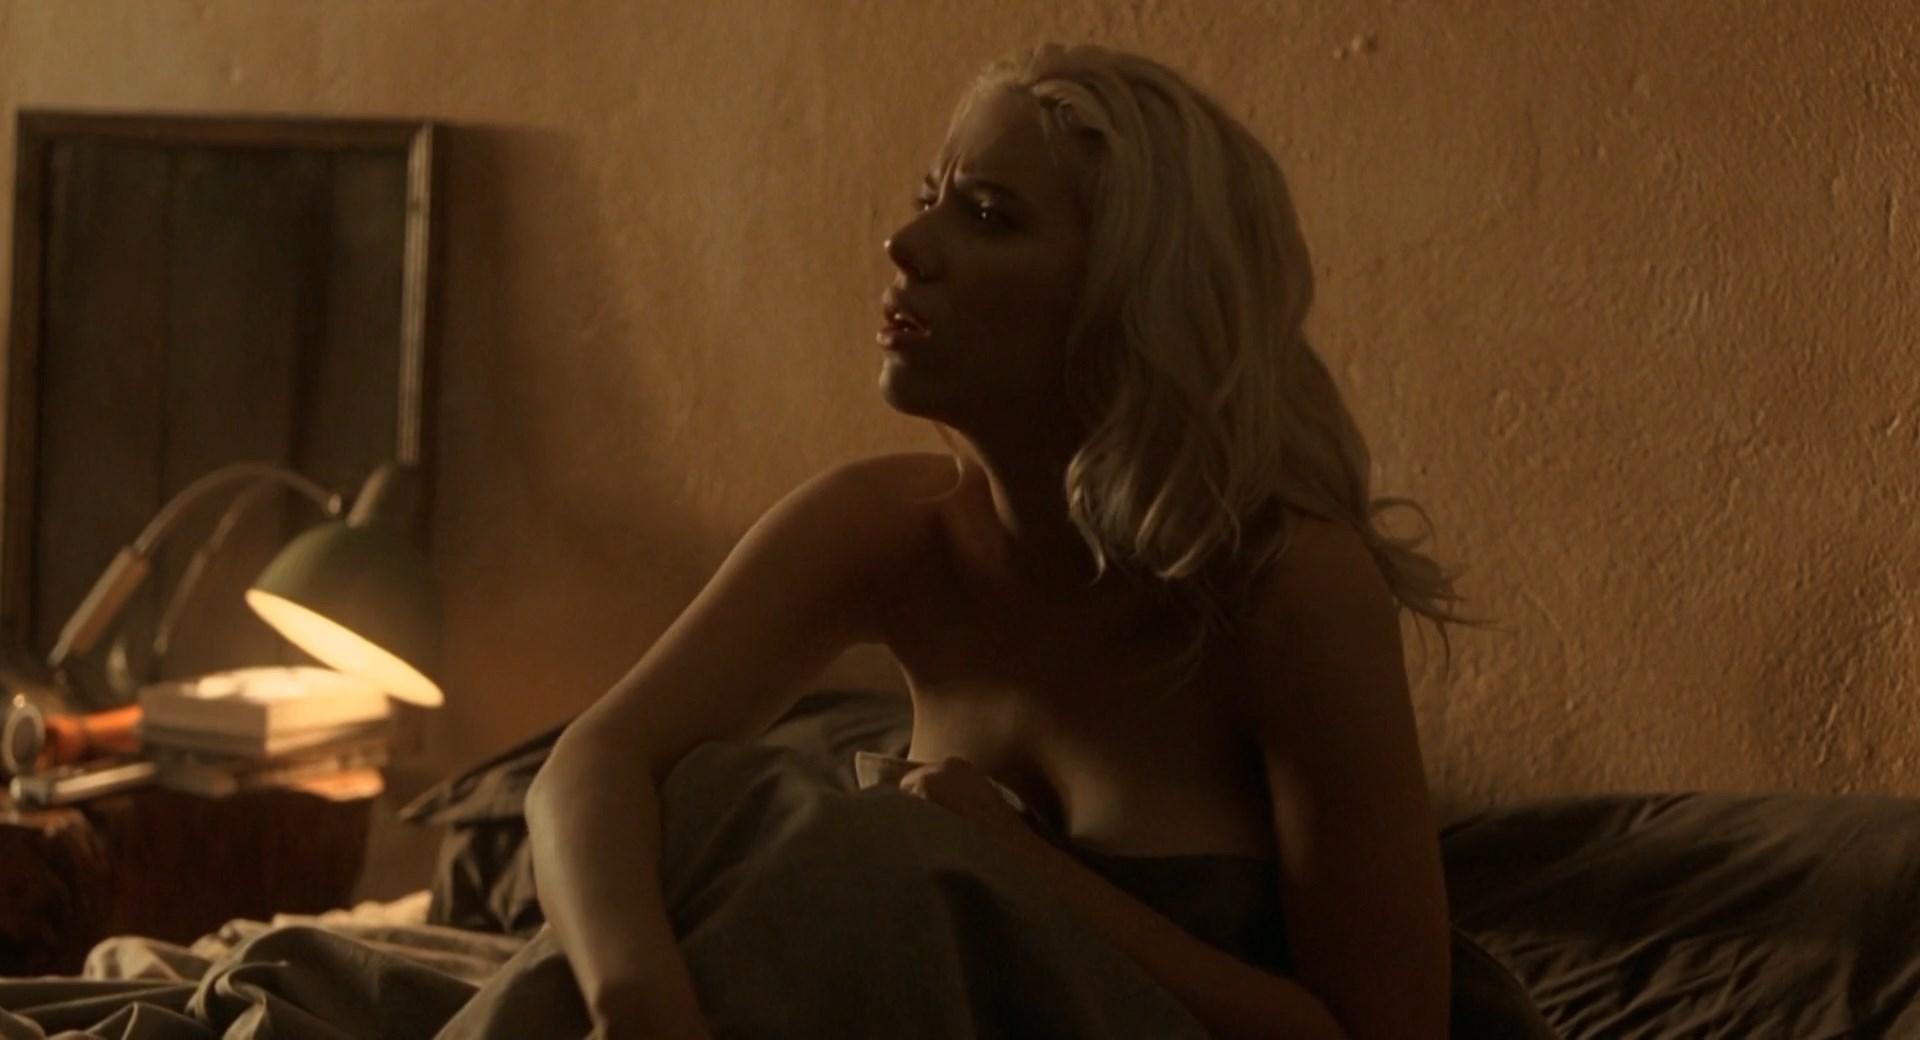 Vicky cristina barcelona sex scene